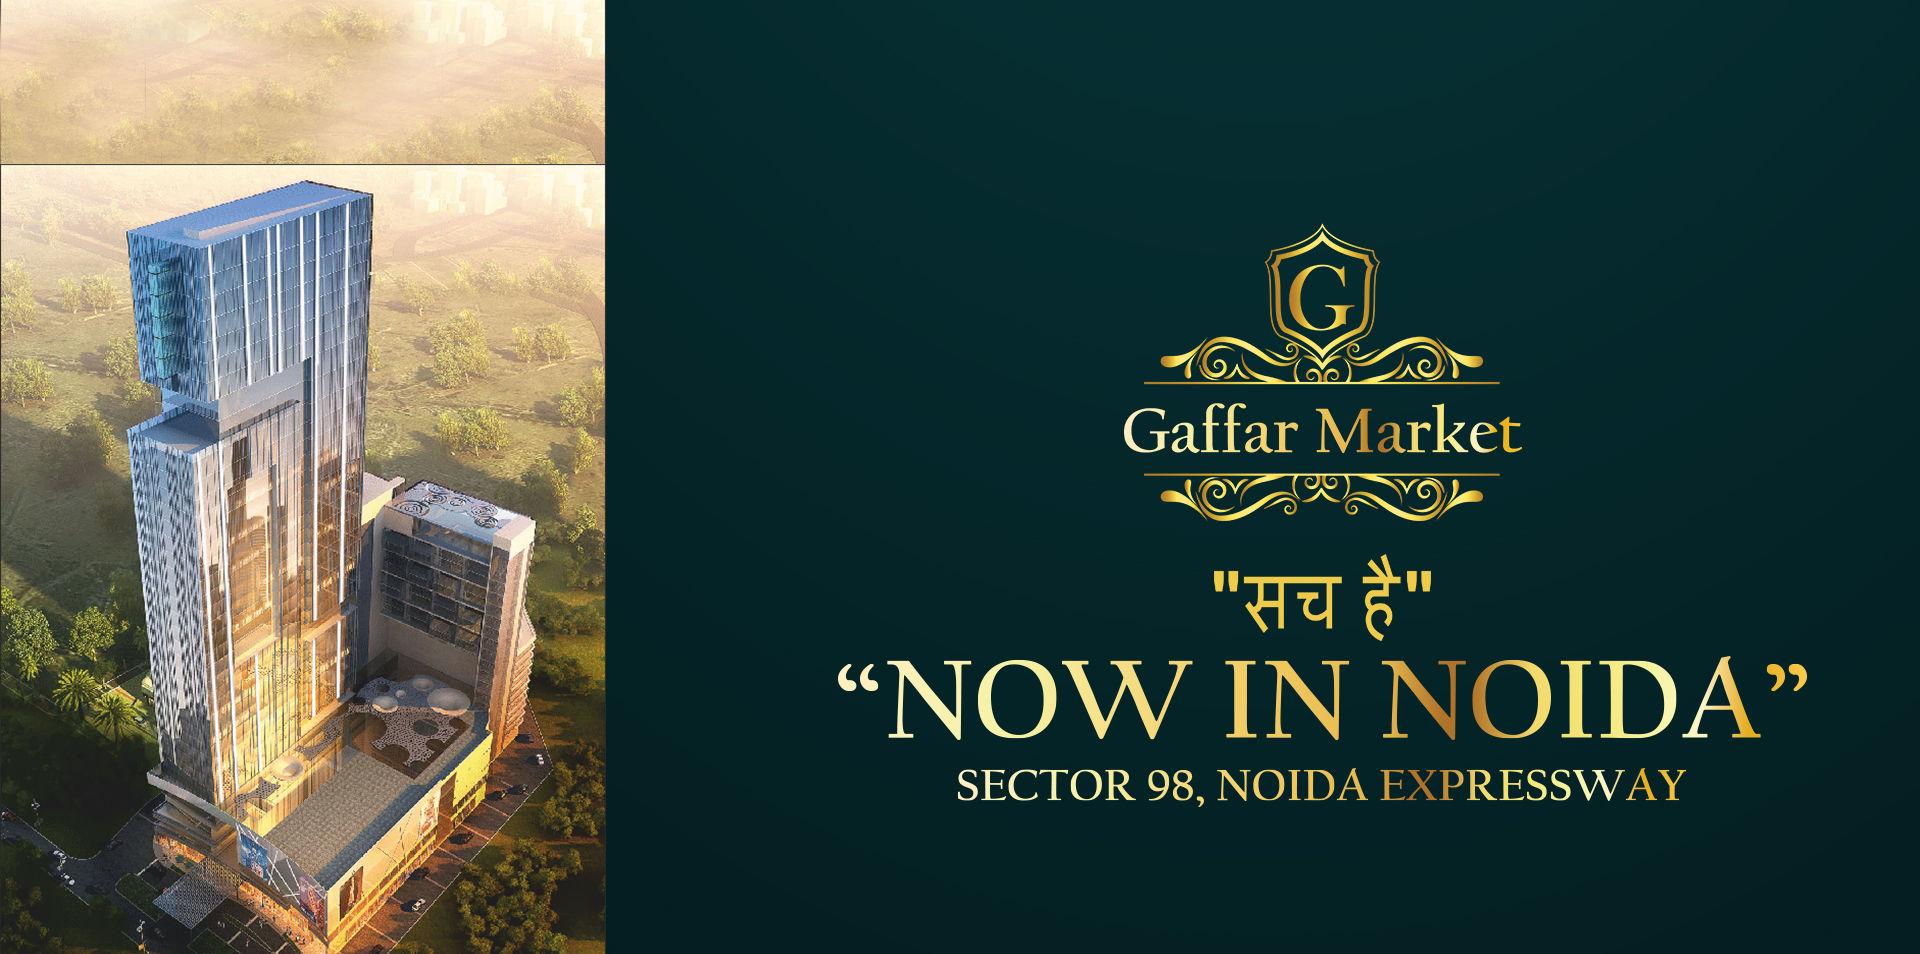 Gaffar Market Sector 98